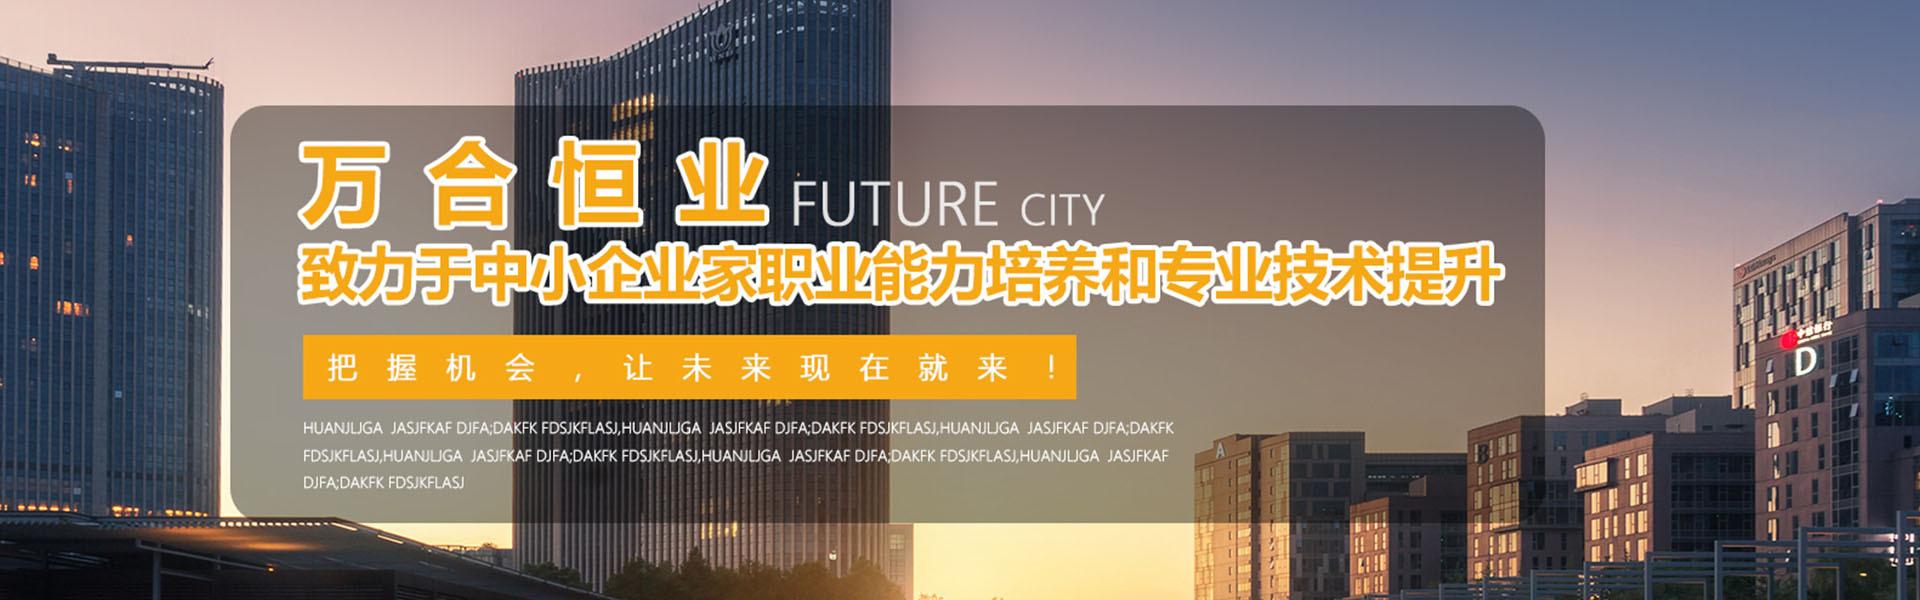 湖南企业总裁培训